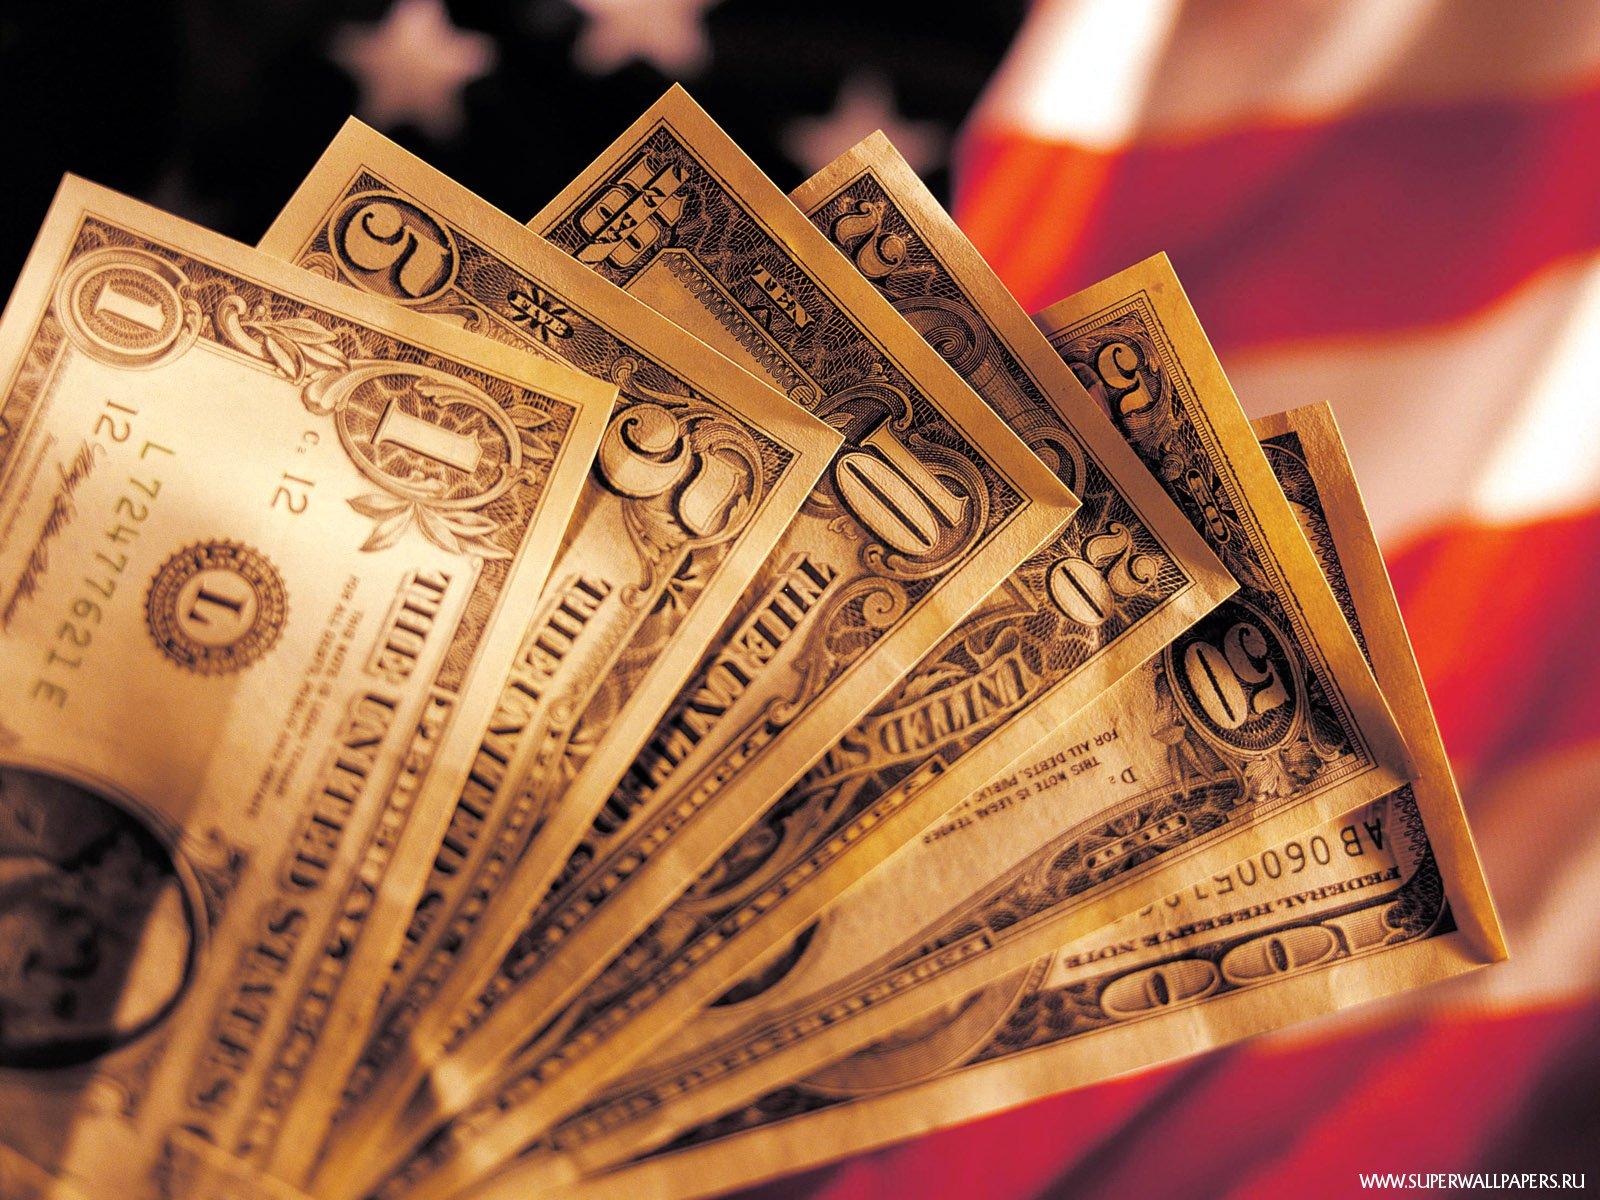 Картинка деньги картинки заставки